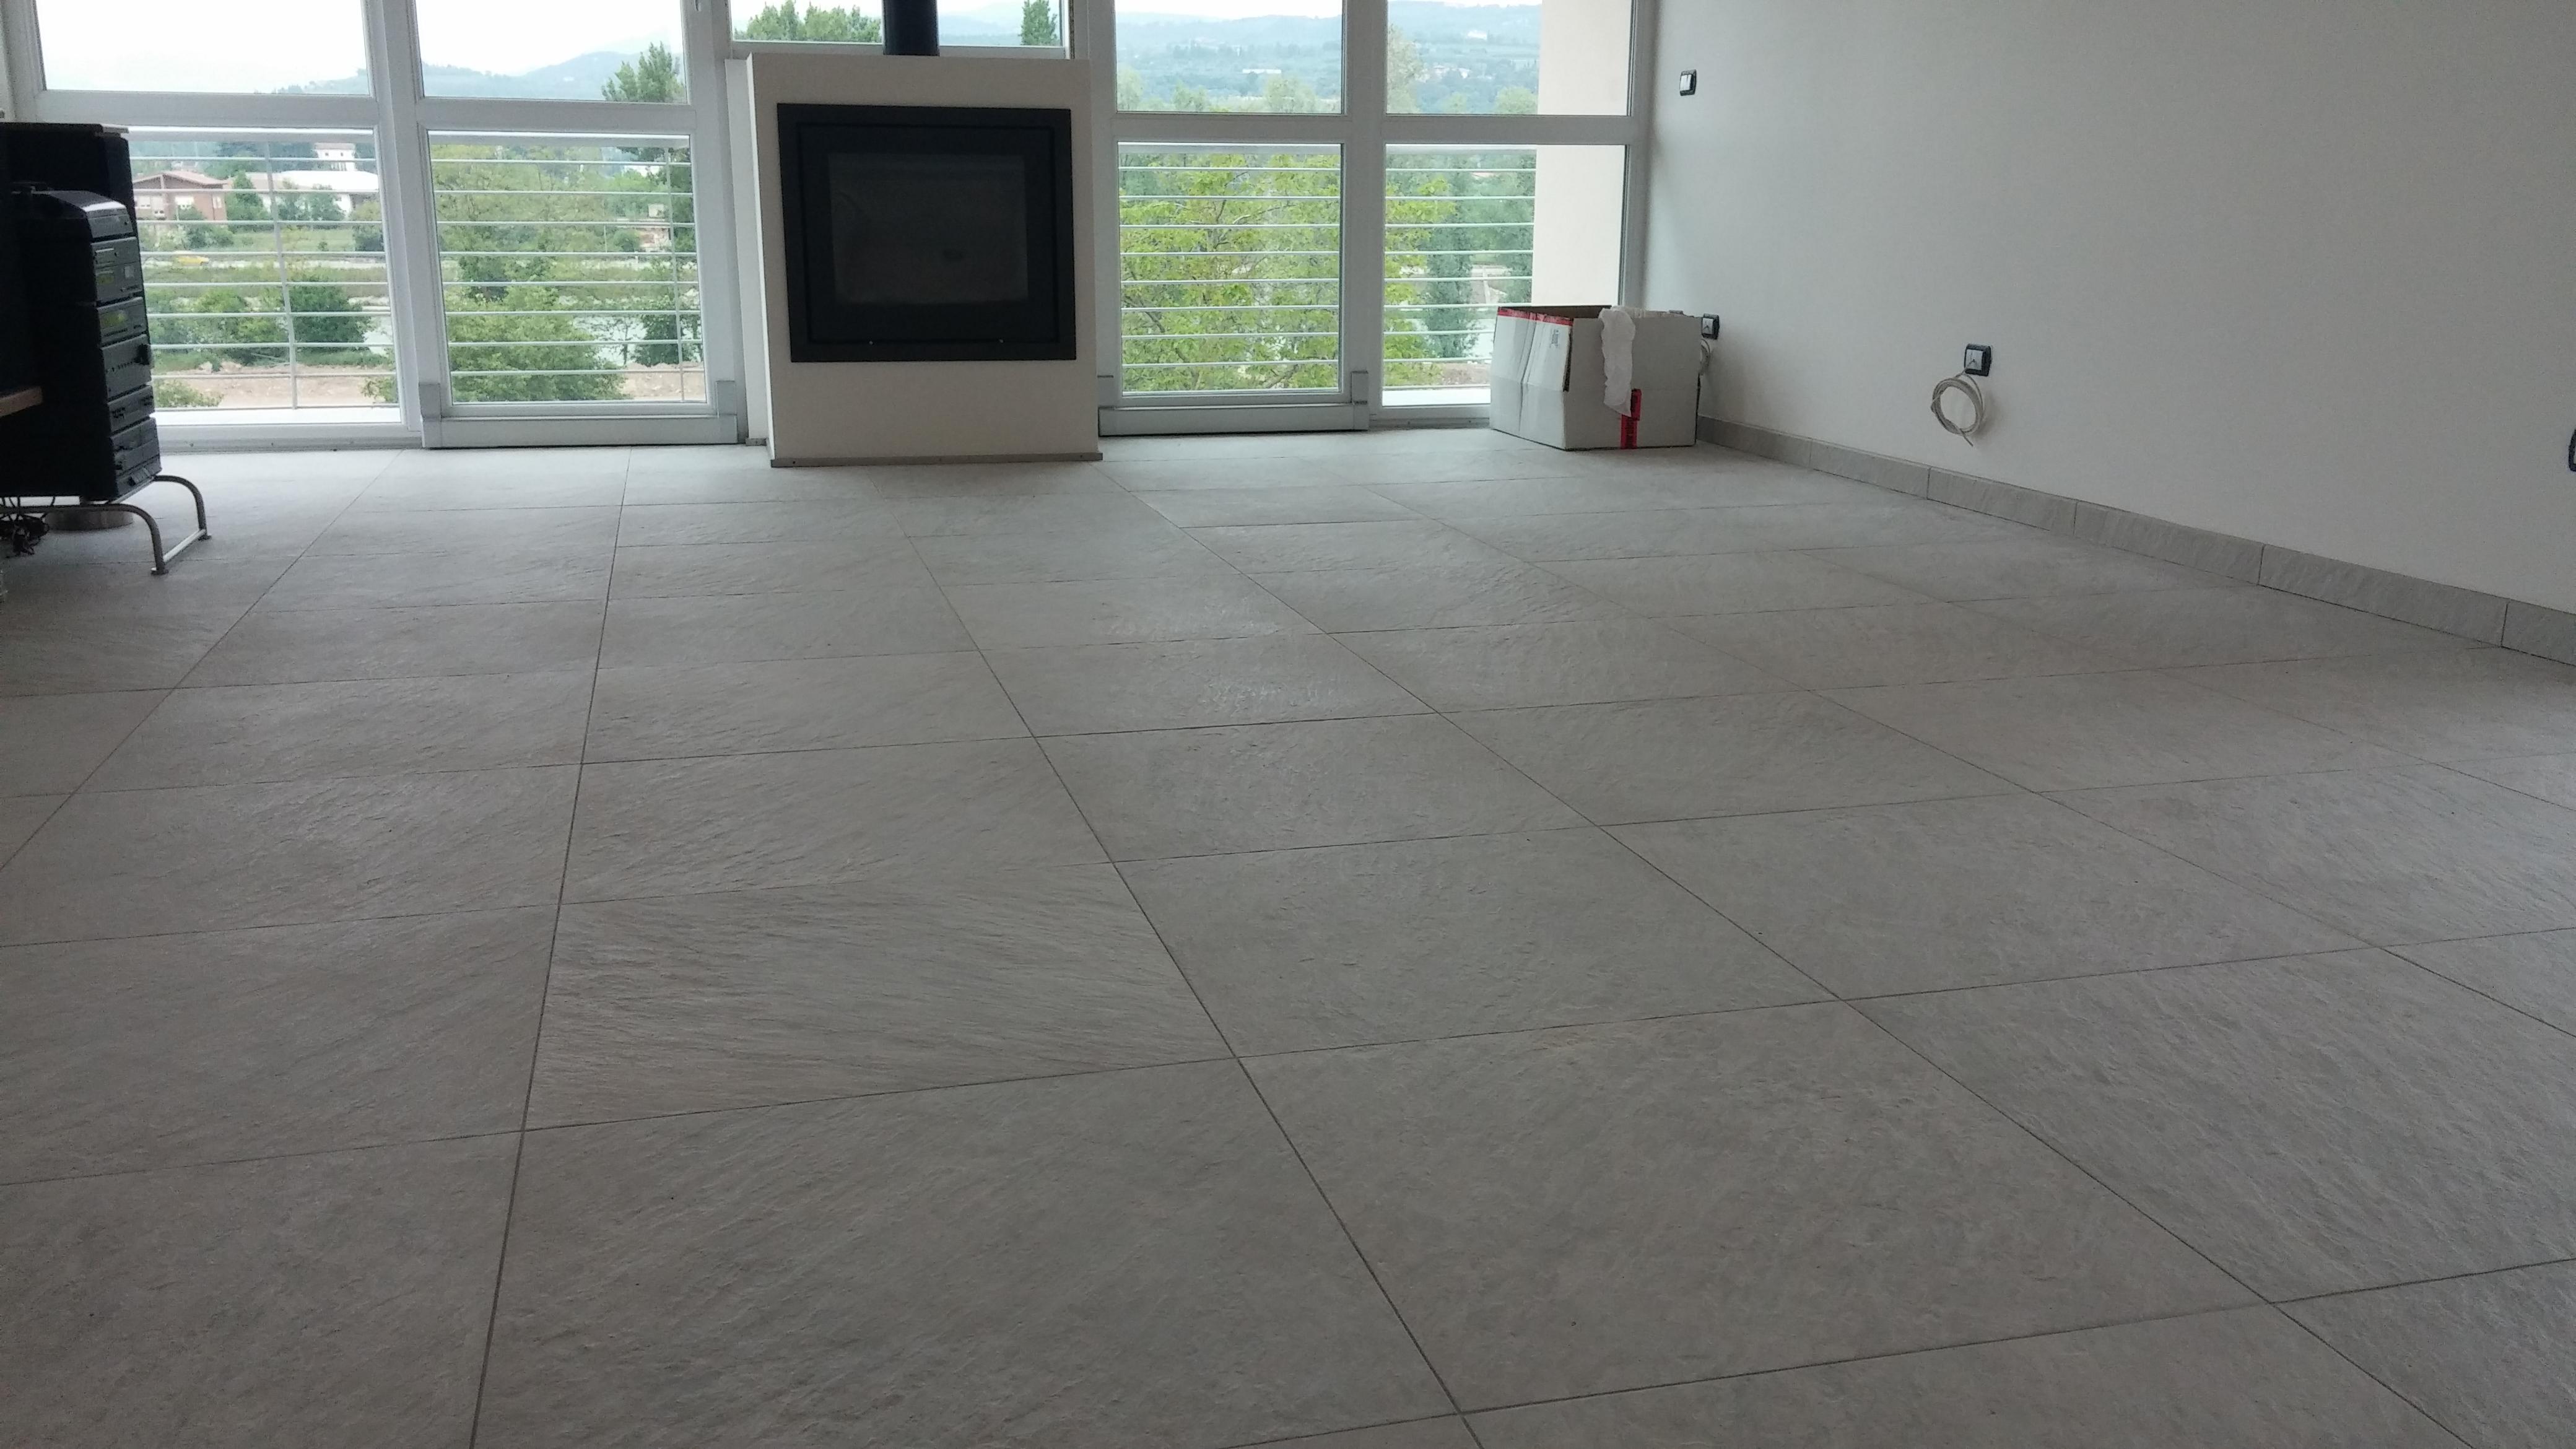 Pavimenti interni effetto pietra cardoso coem gres porcellanato